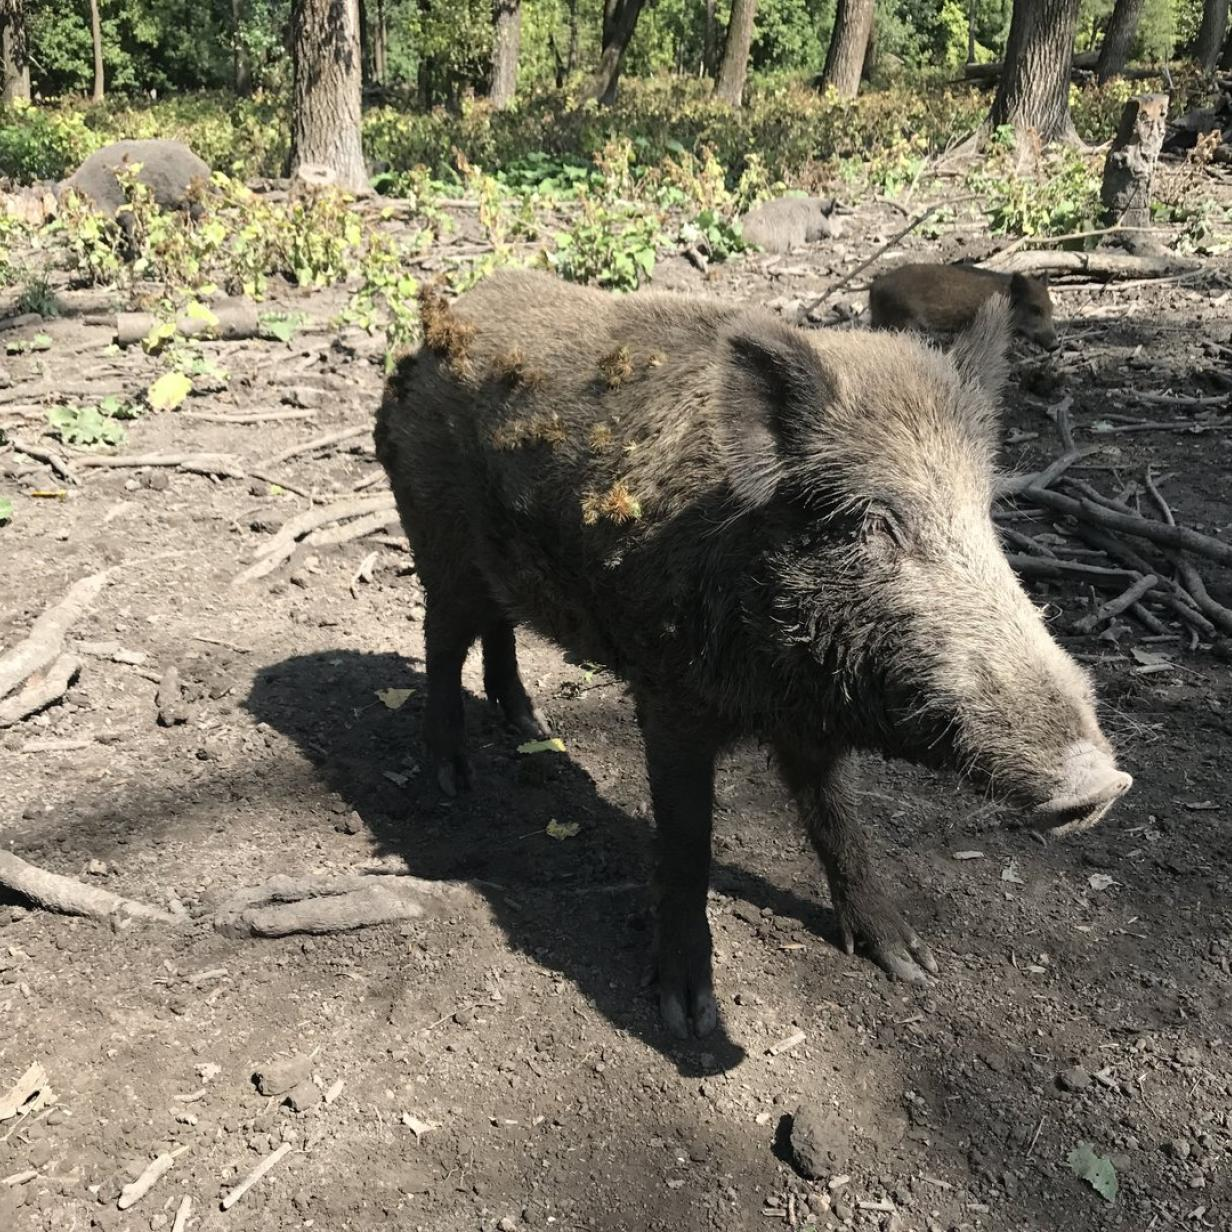 Afrikanische Schweinepest: Soldaten sollen Wildschweine jagen